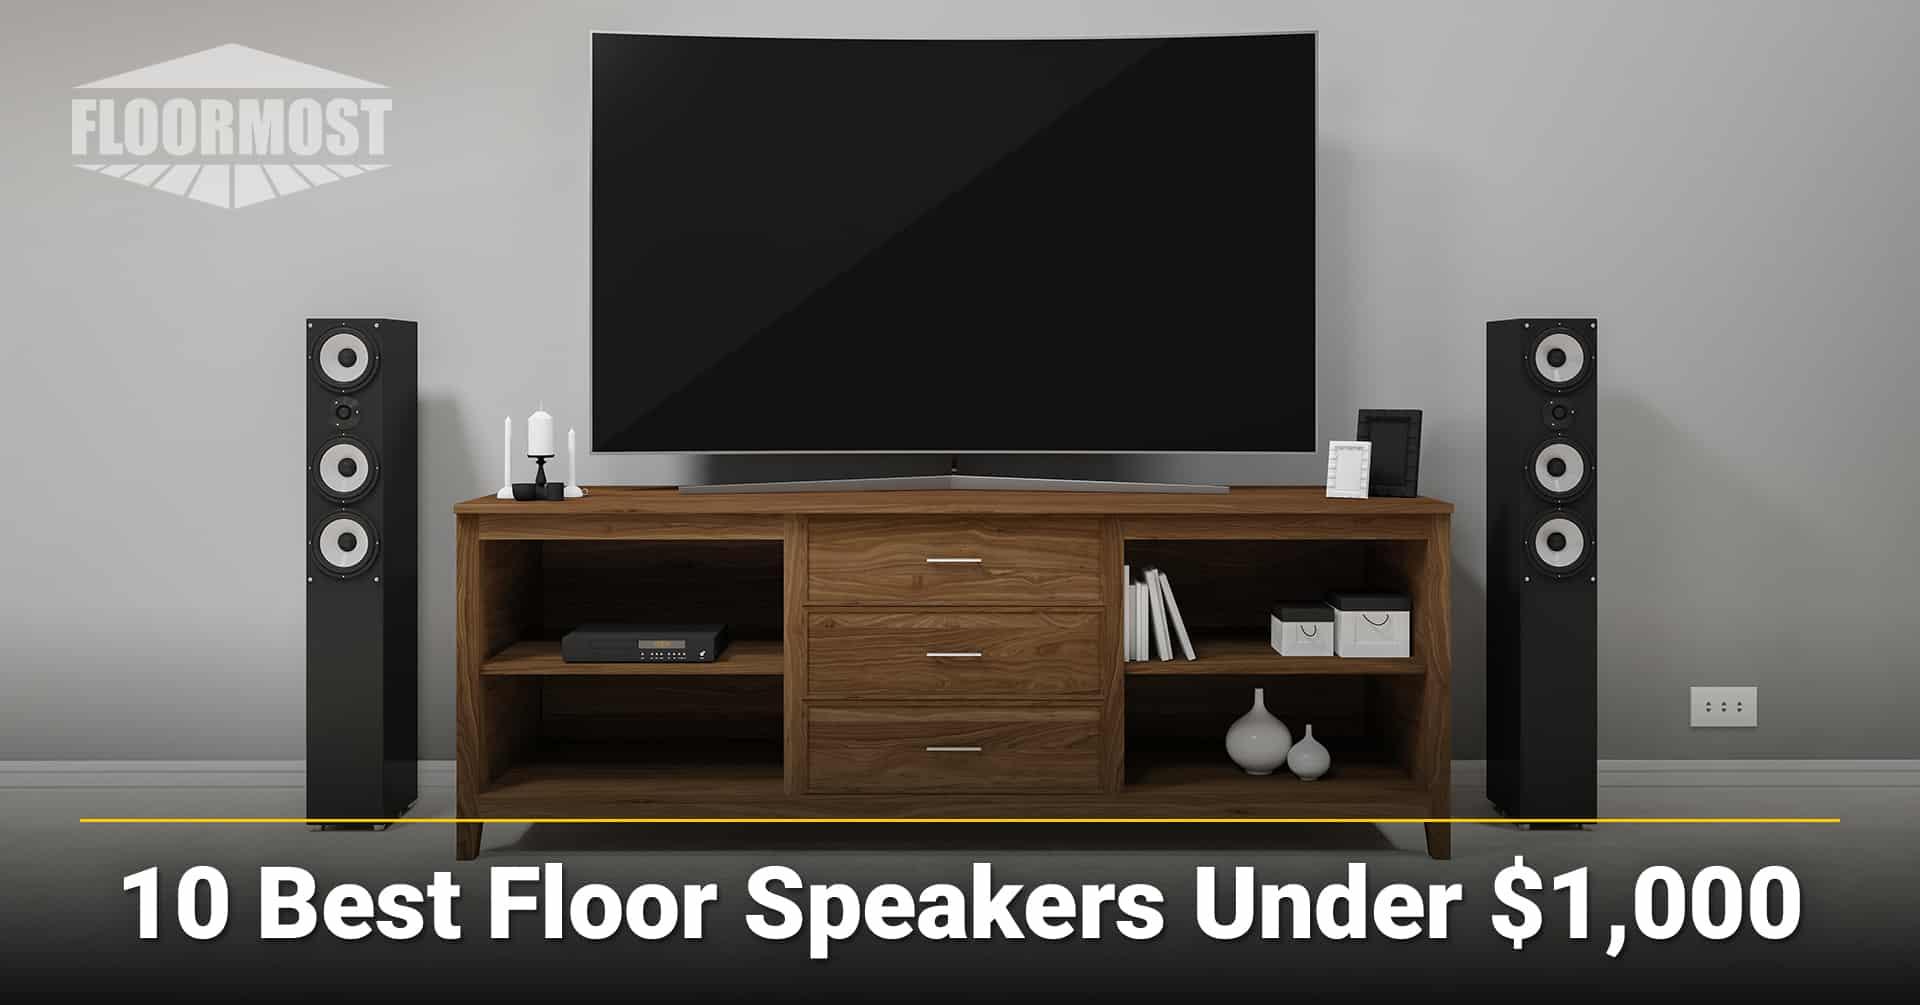 10 Best Floor Speakers Under $1,000